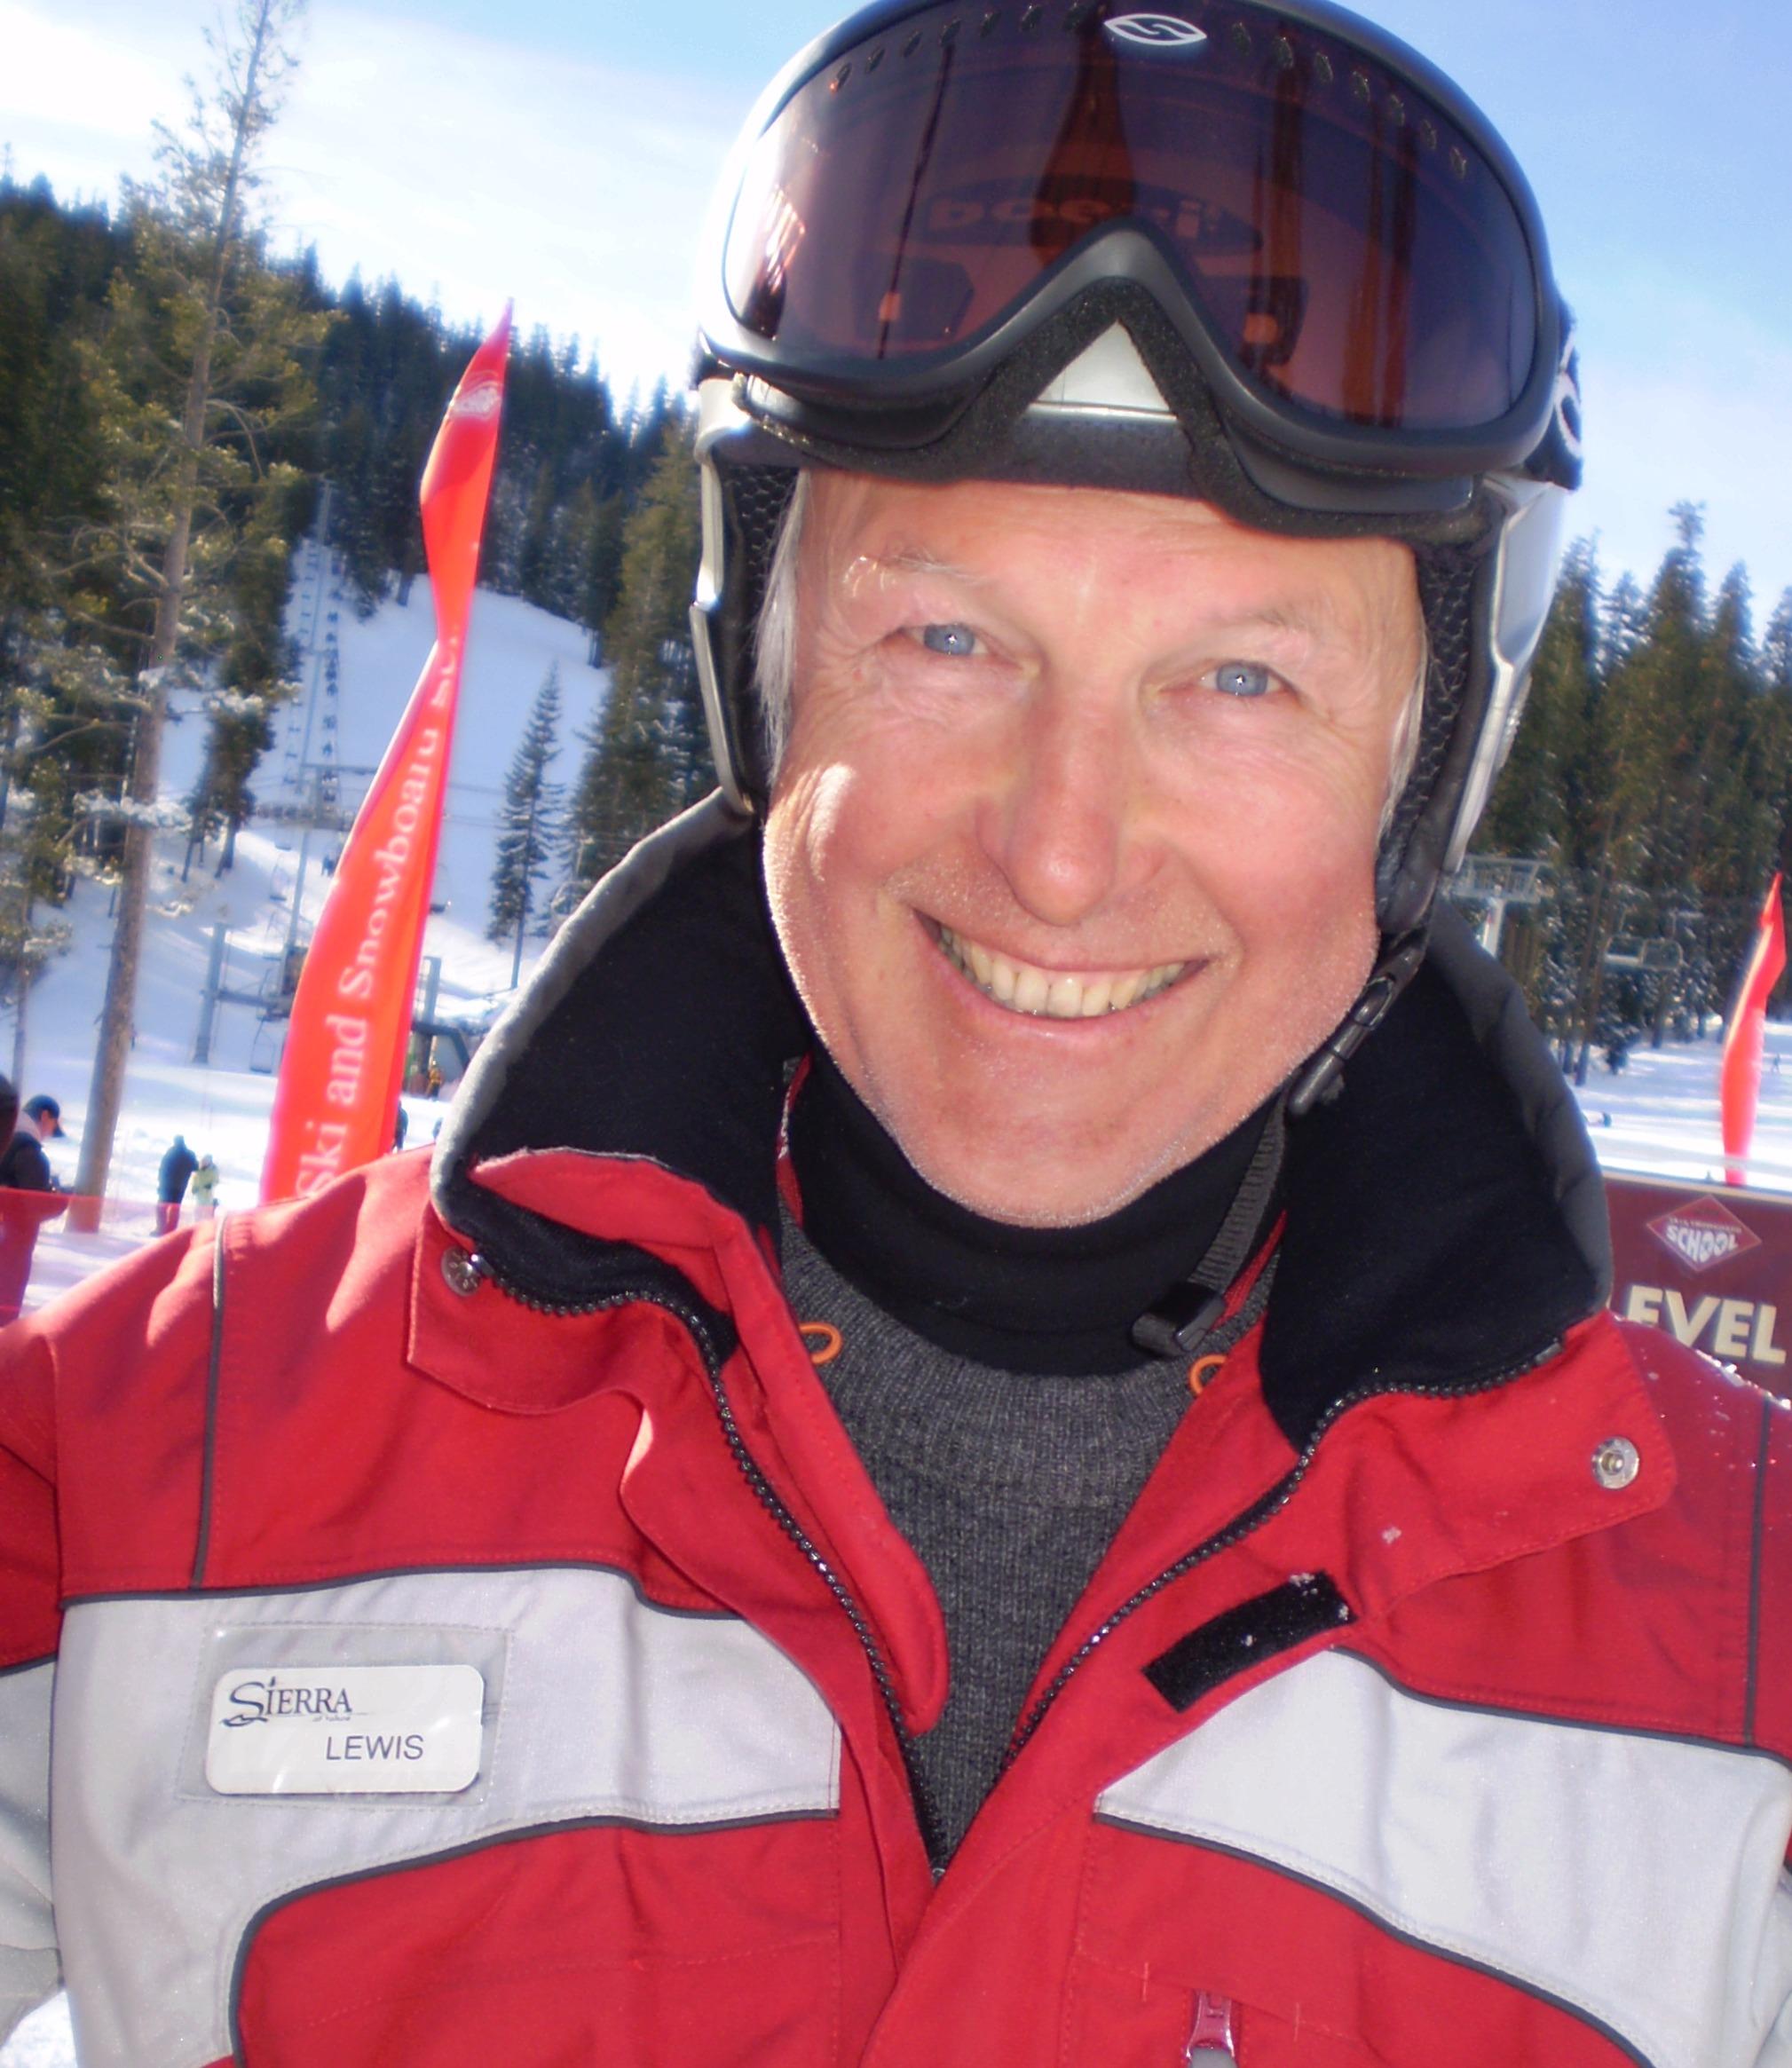 Lewis, privat Ski Lehrer für Ben&Joe's, Ski Schule in Klosters und Davos kommt aus Australien!